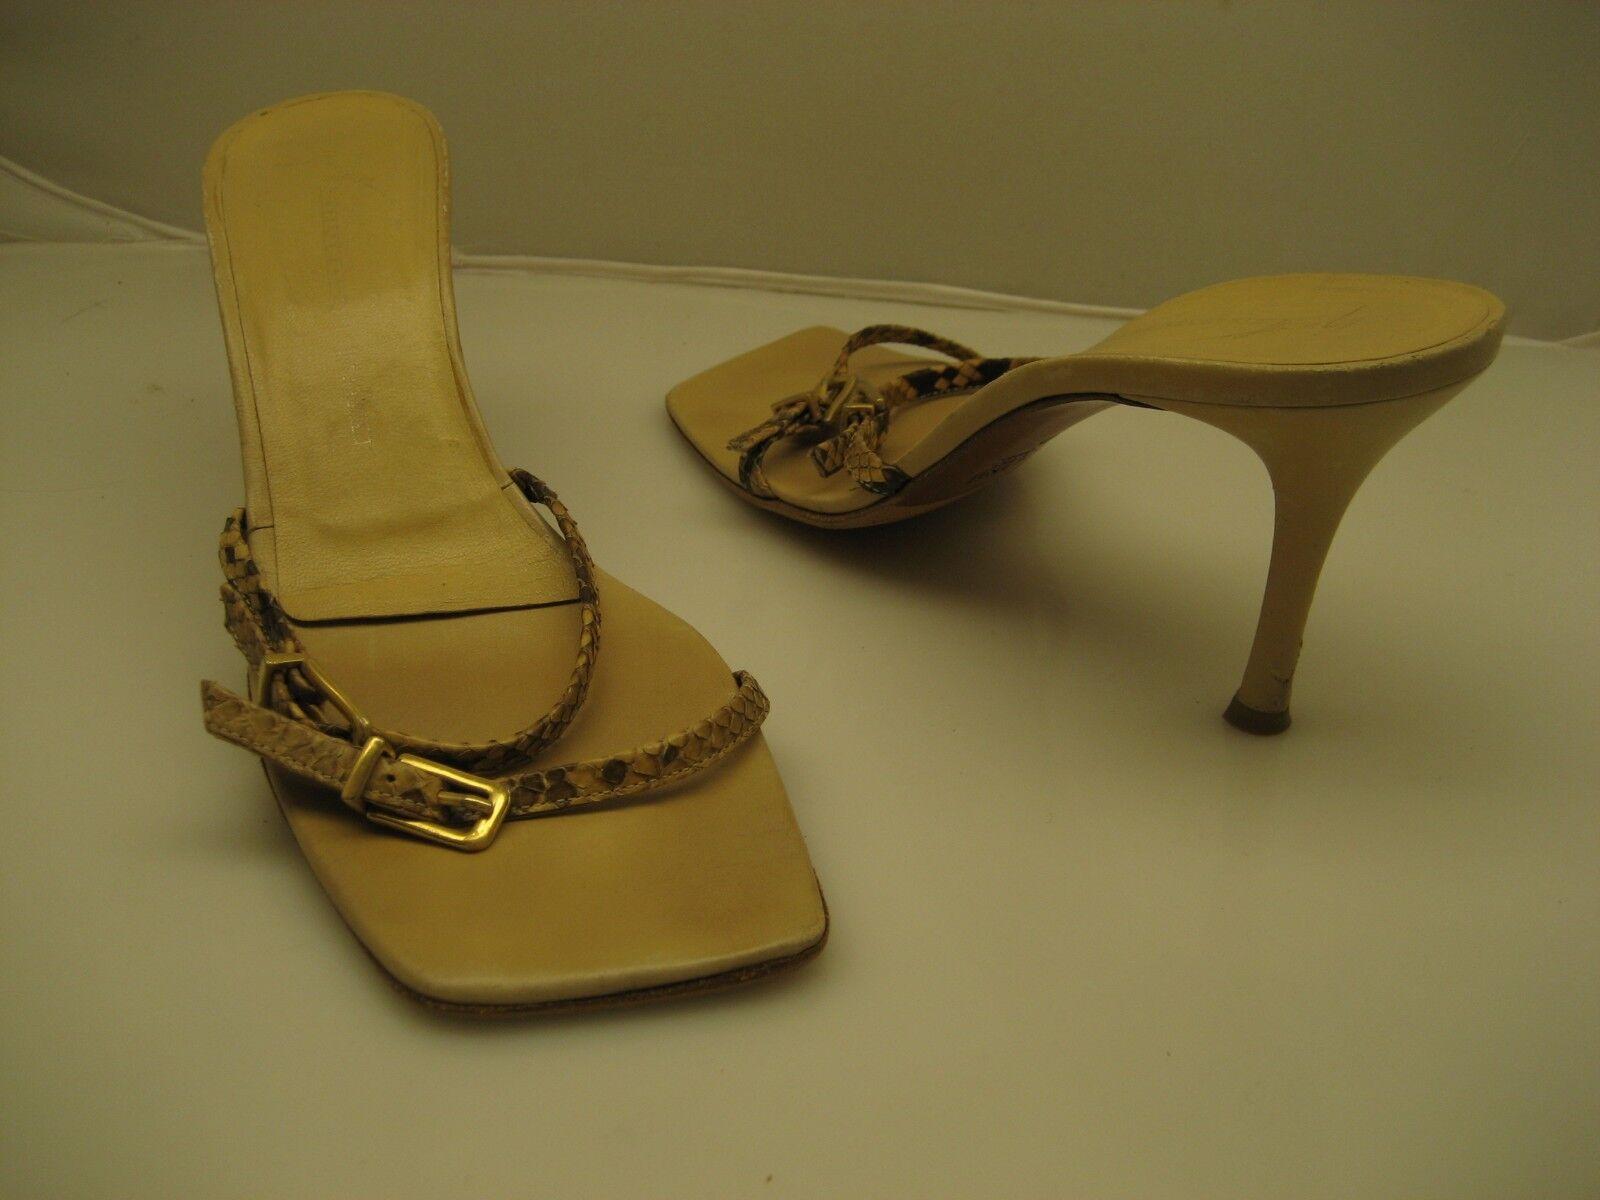 Wouomo Giuseppe Zanotti Heel sandals Dimensione 40 Made in